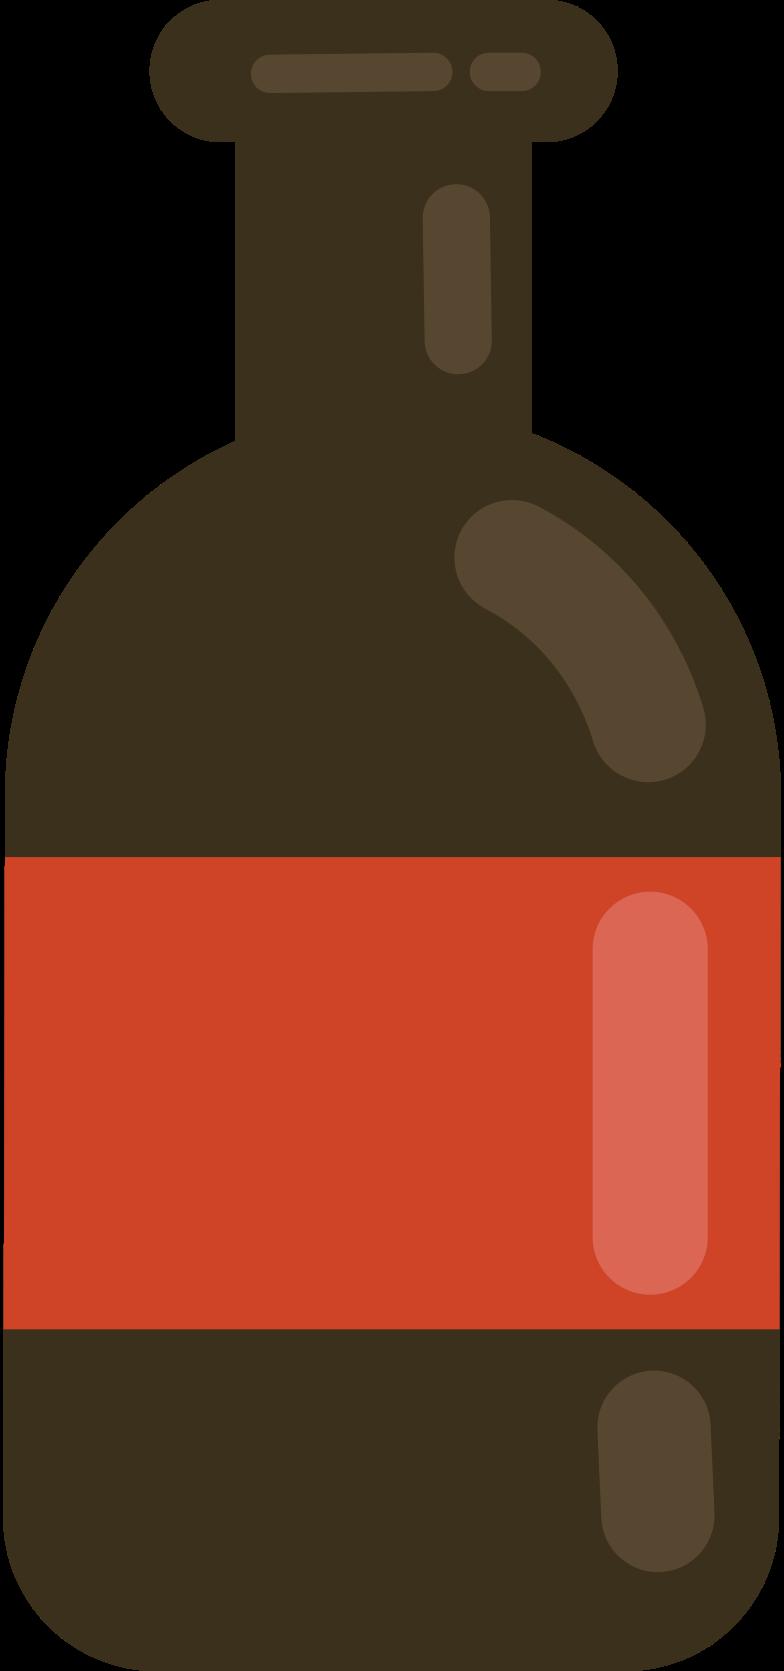 vine Clipart illustration in PNG, SVG